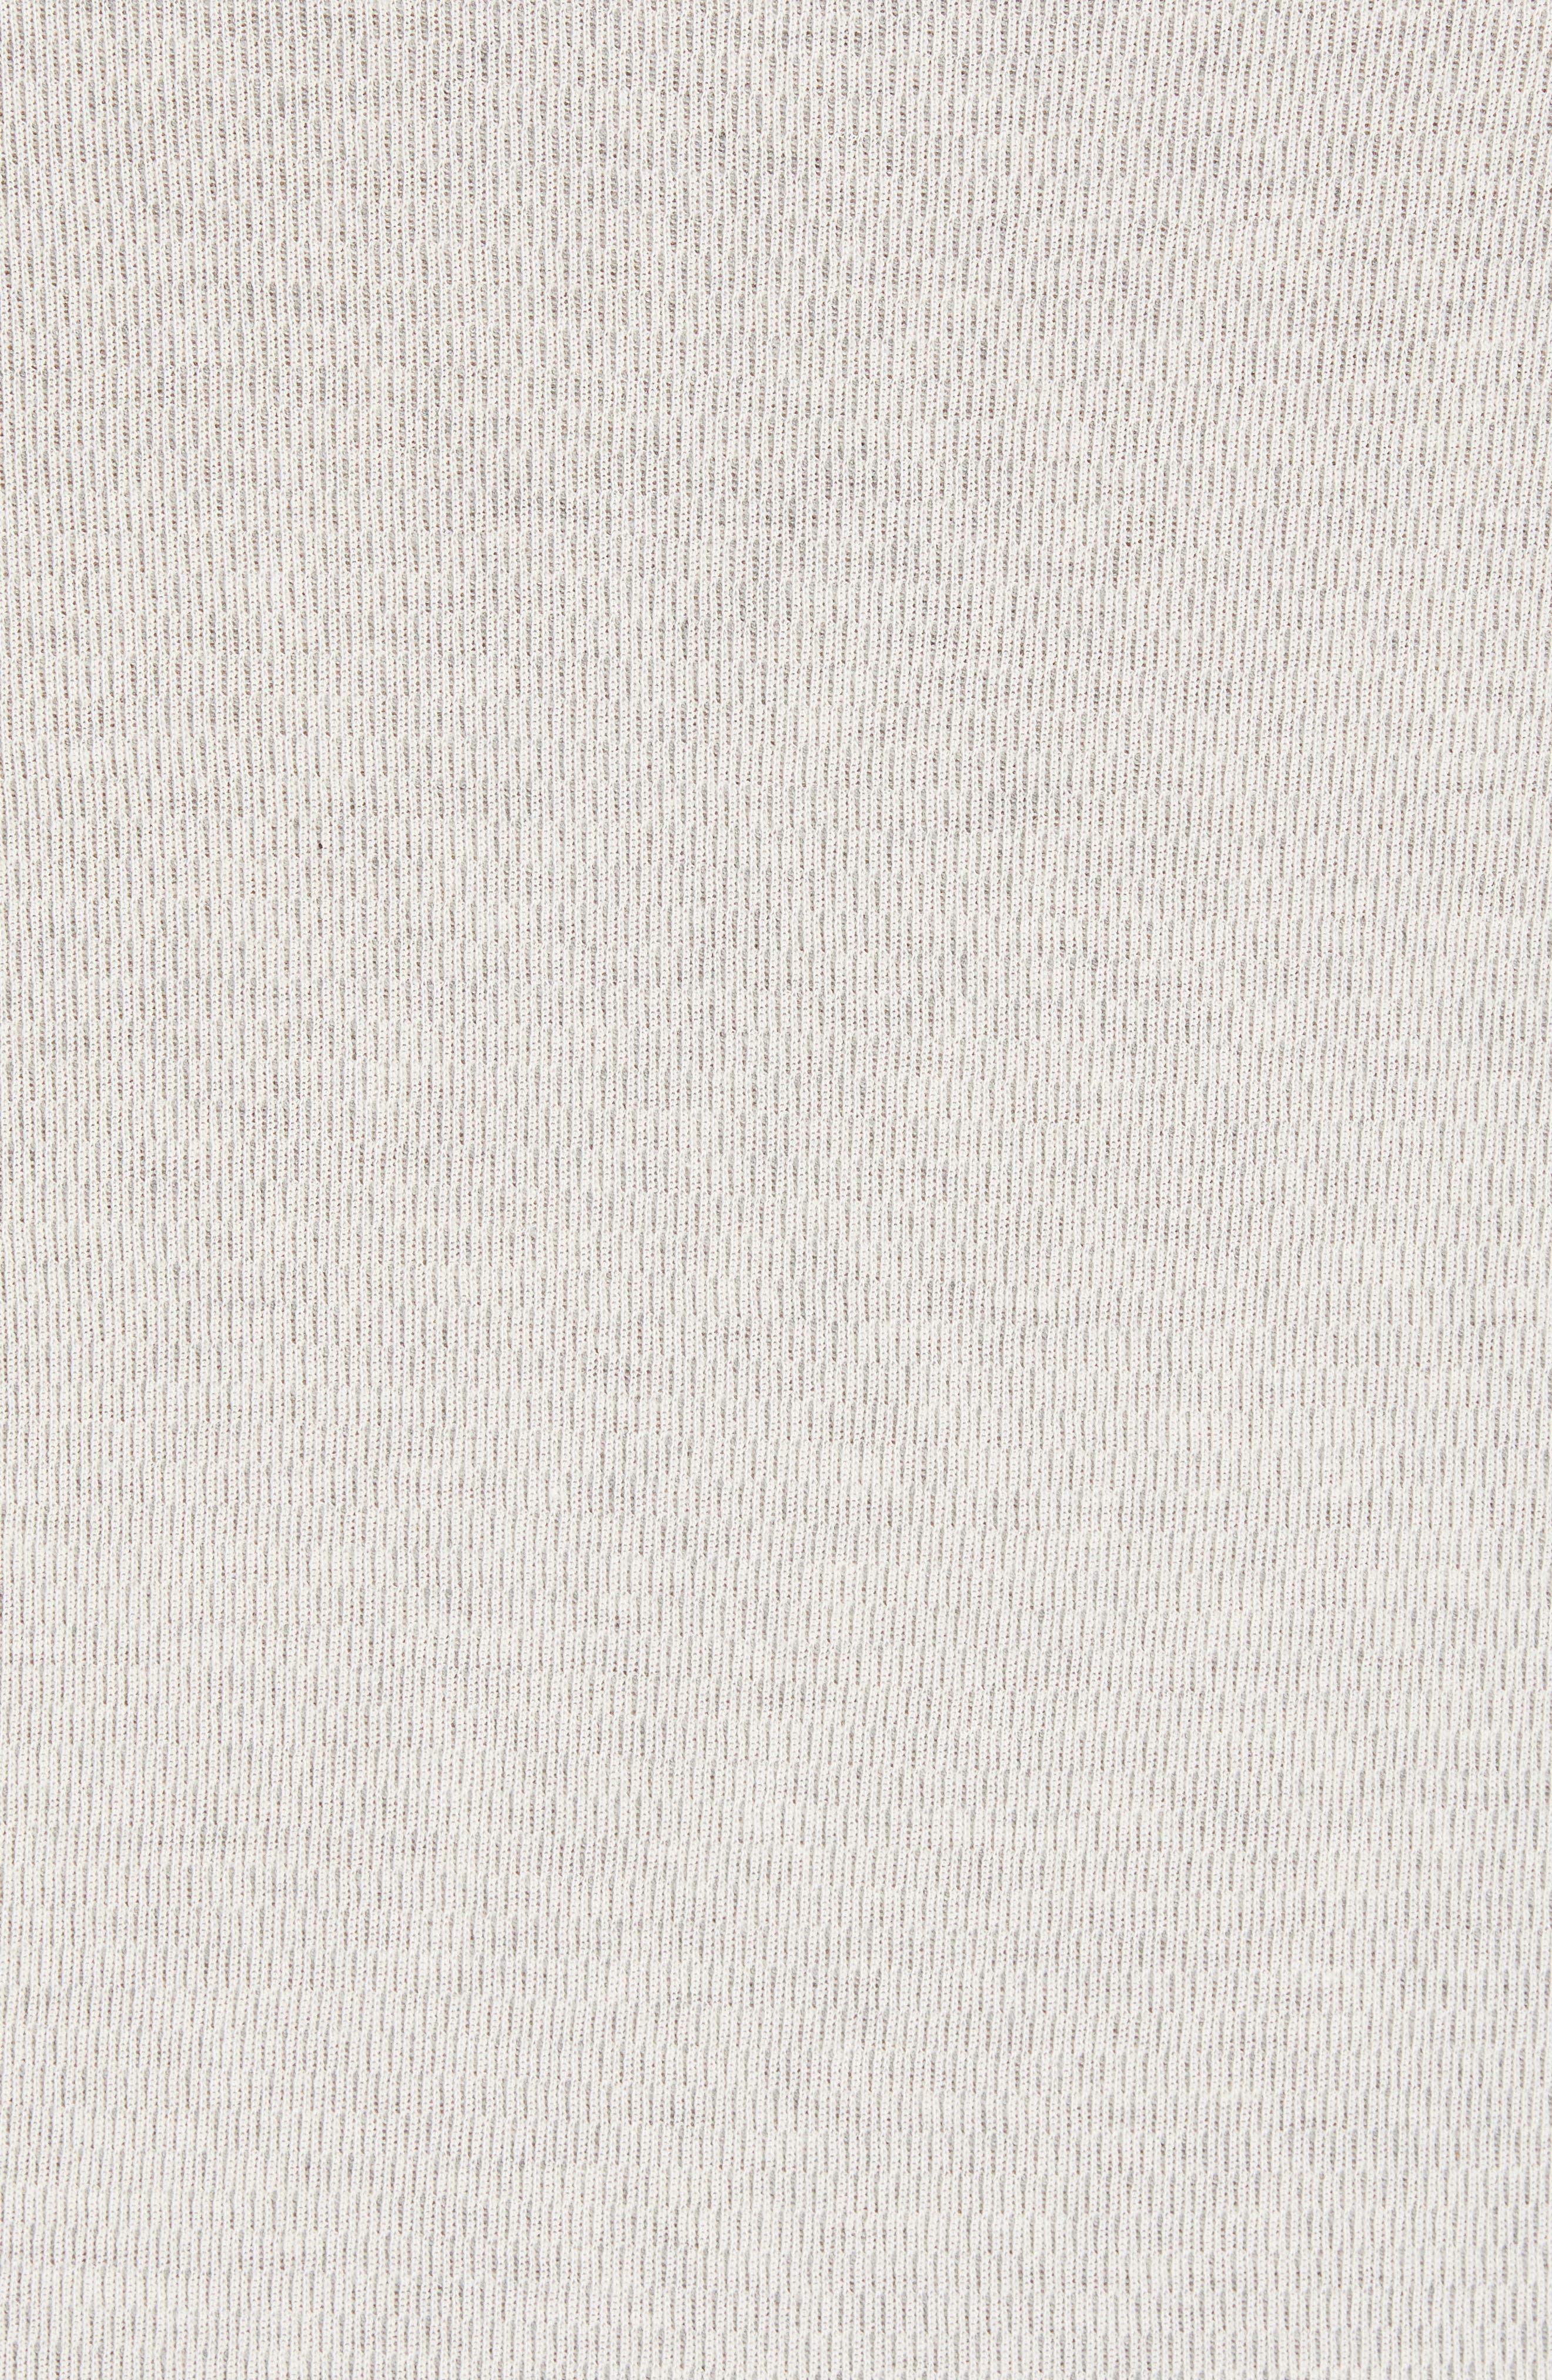 Regular Fit Thermal Hoodie,                             Alternate thumbnail 5, color,                             SAIL/ H GREY